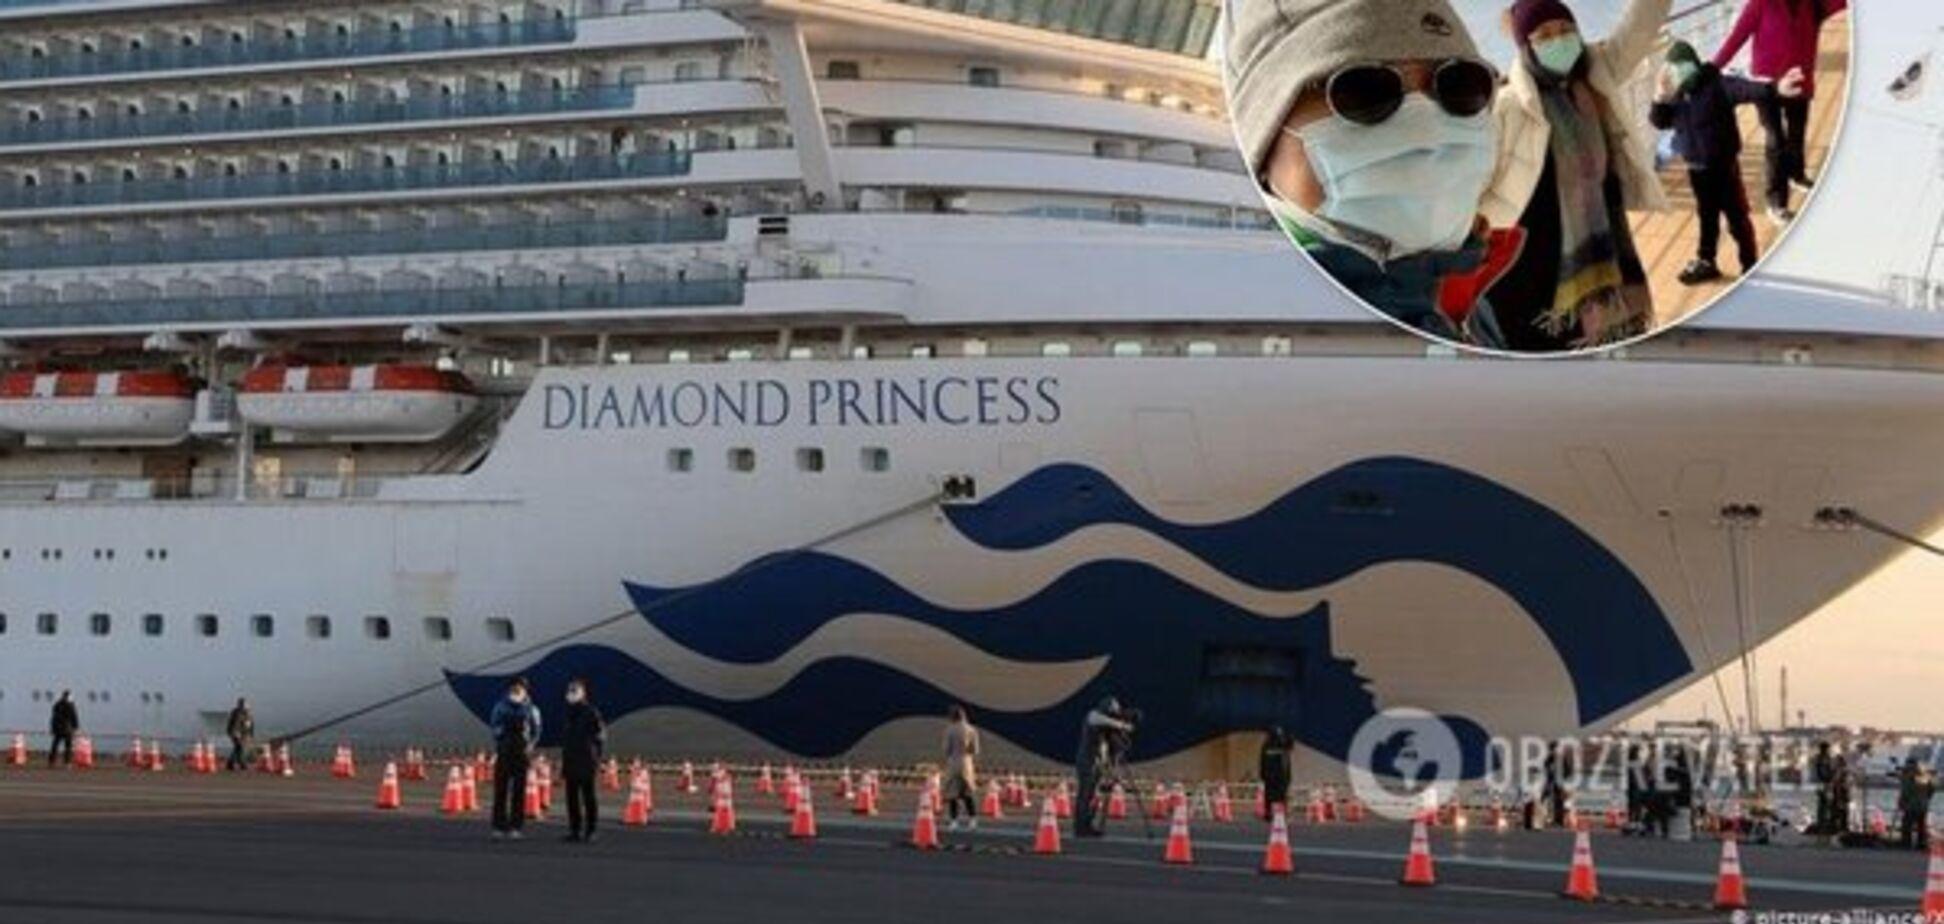 На Diamond Princess короновірусом заразилися вже 4 українці